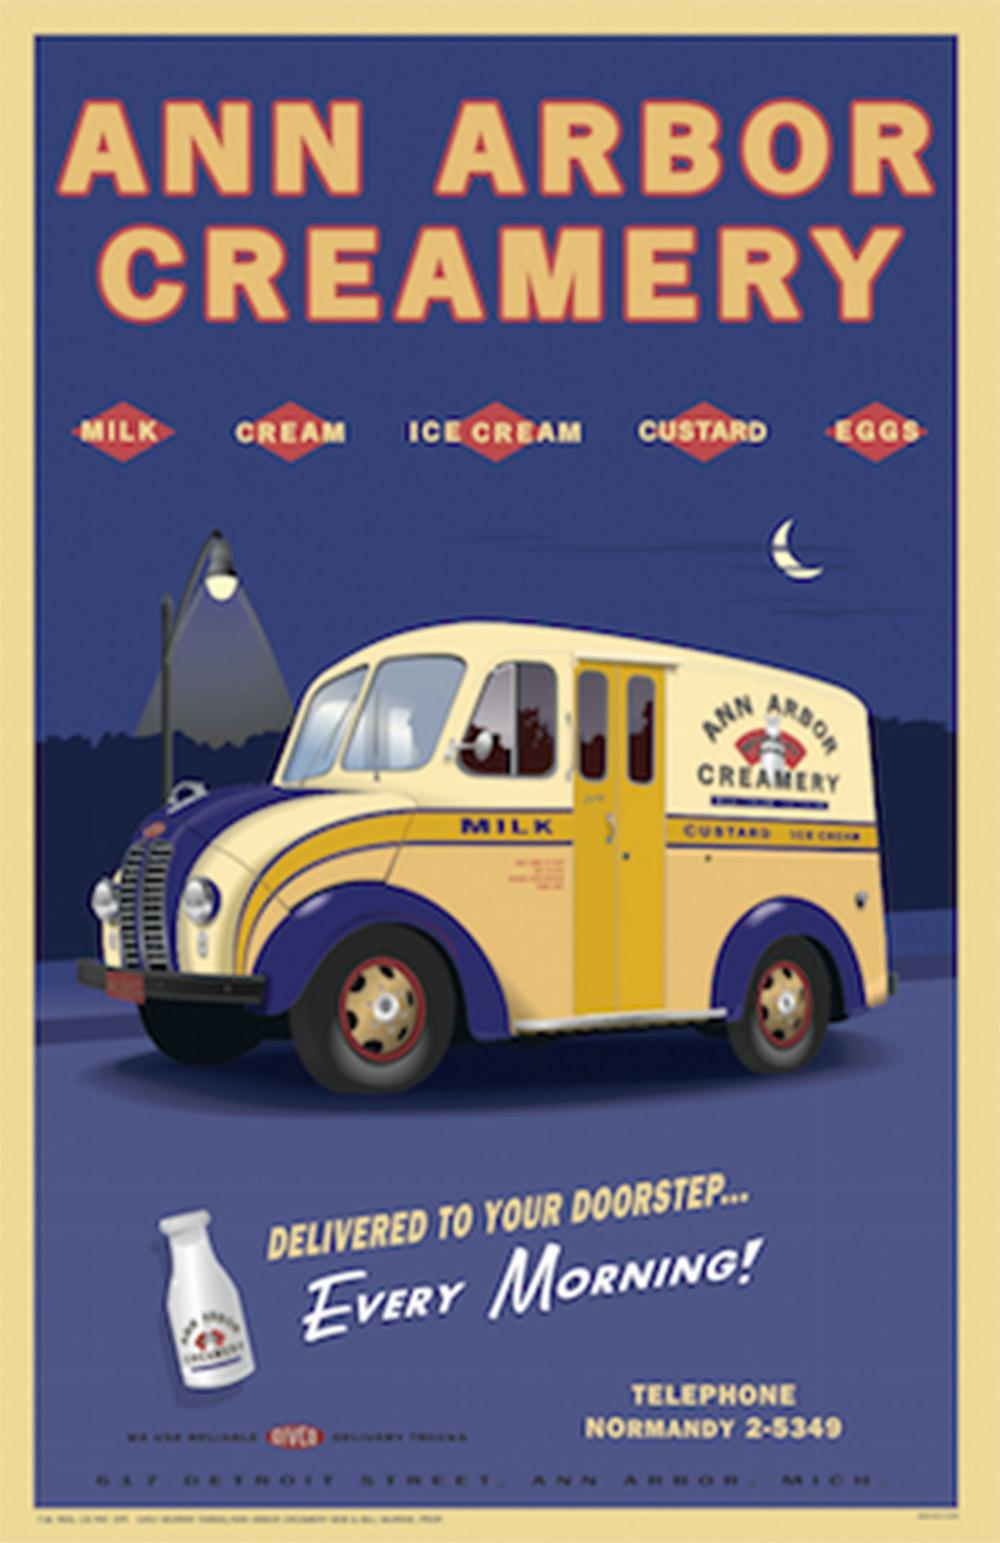 Ann Arbor Creamery Poster